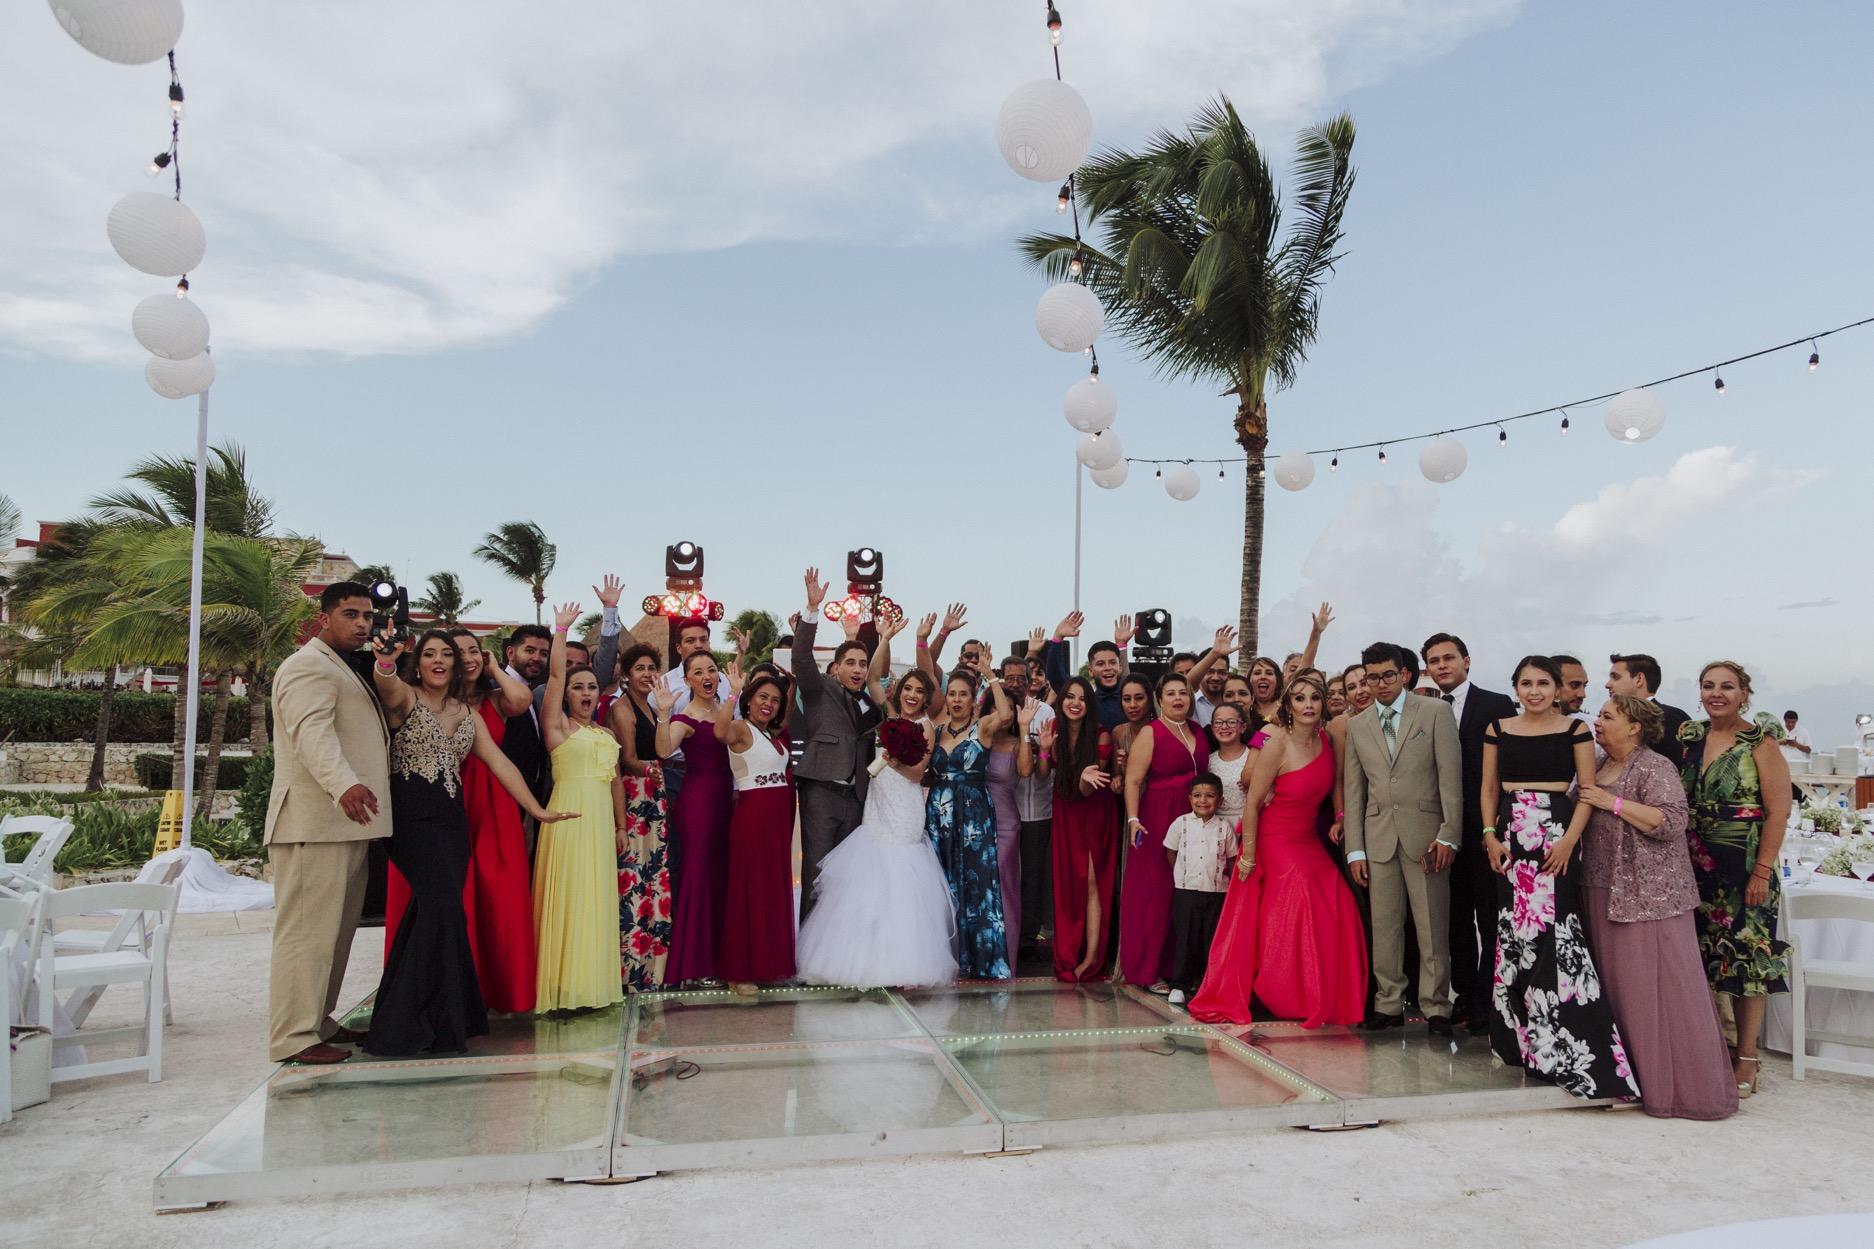 fotografo_bodas_profesional_zacatecas_riviera_maya_cancun-265